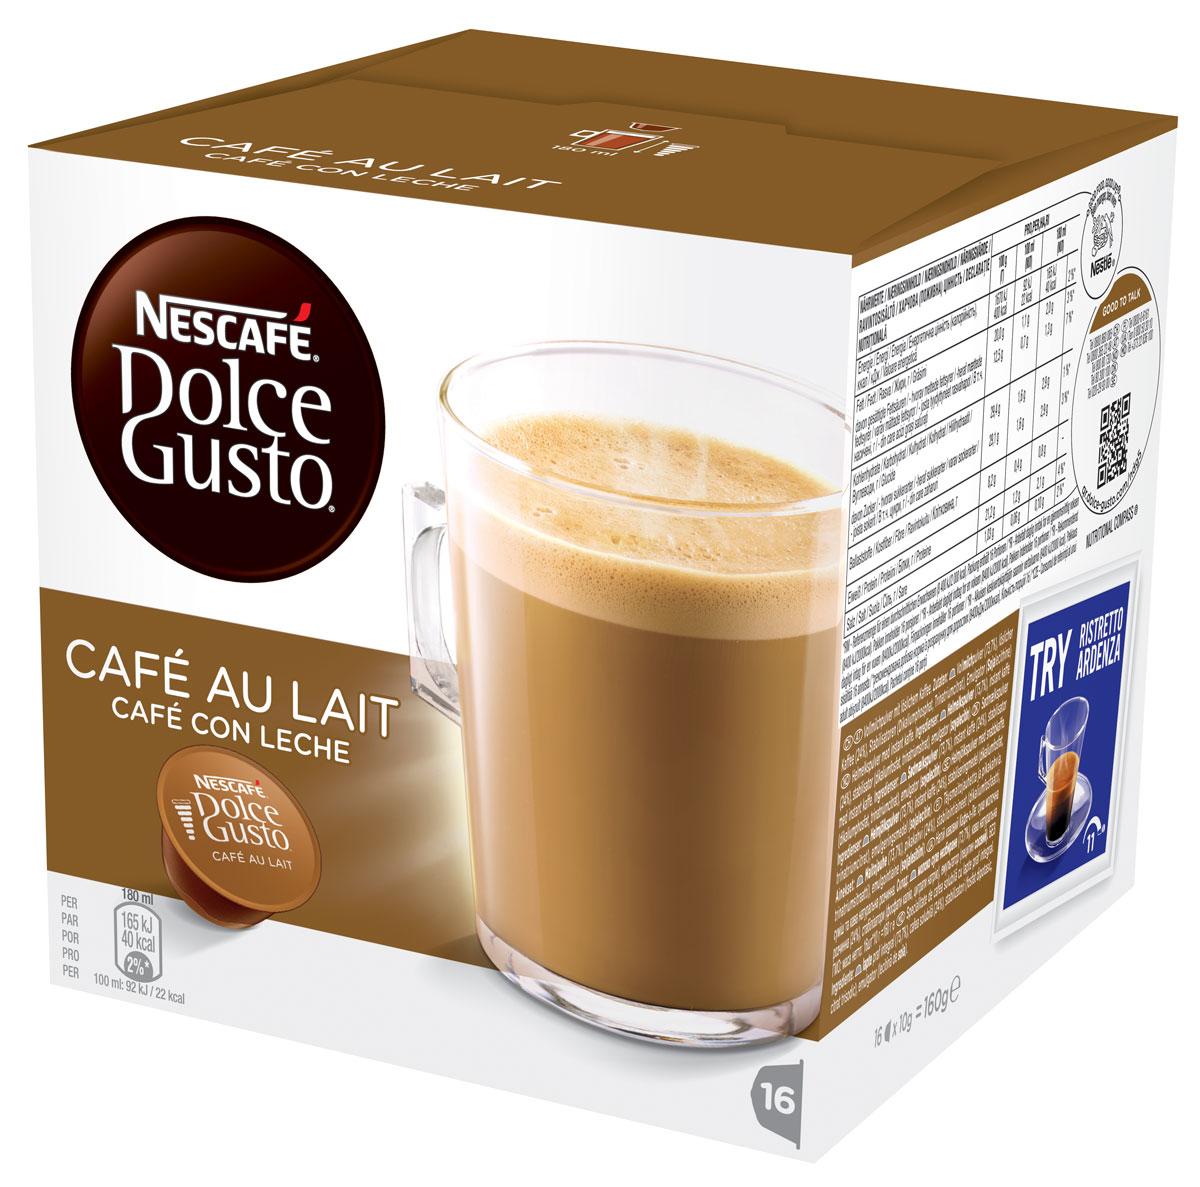 Nescafe Dolce Gusto Кофе О Ле, кофе в капсулах, 16 шт0120710Cafe Au Lait - это непревзойденное сочетание энергии кофе и сладости молока подарит Вам заряд бодрости на целый день! Для приготовления большой чашки Cafe Au Lait достаточно всего лишь одной капсулы. Капсульная система NESCAFE Dolce Gusto это инновационная система приготовления кофе высокого качества специально разработанная для использования в домашних условиях. Герметичные капсулы оптимизируют давление воды для каждого вида кофе. Кофе-машина NESCAFE Dolce Gusto использует профессиональное давление в 15 бар, что каждый раз гарантирует идеальный вкус и качество кофе.